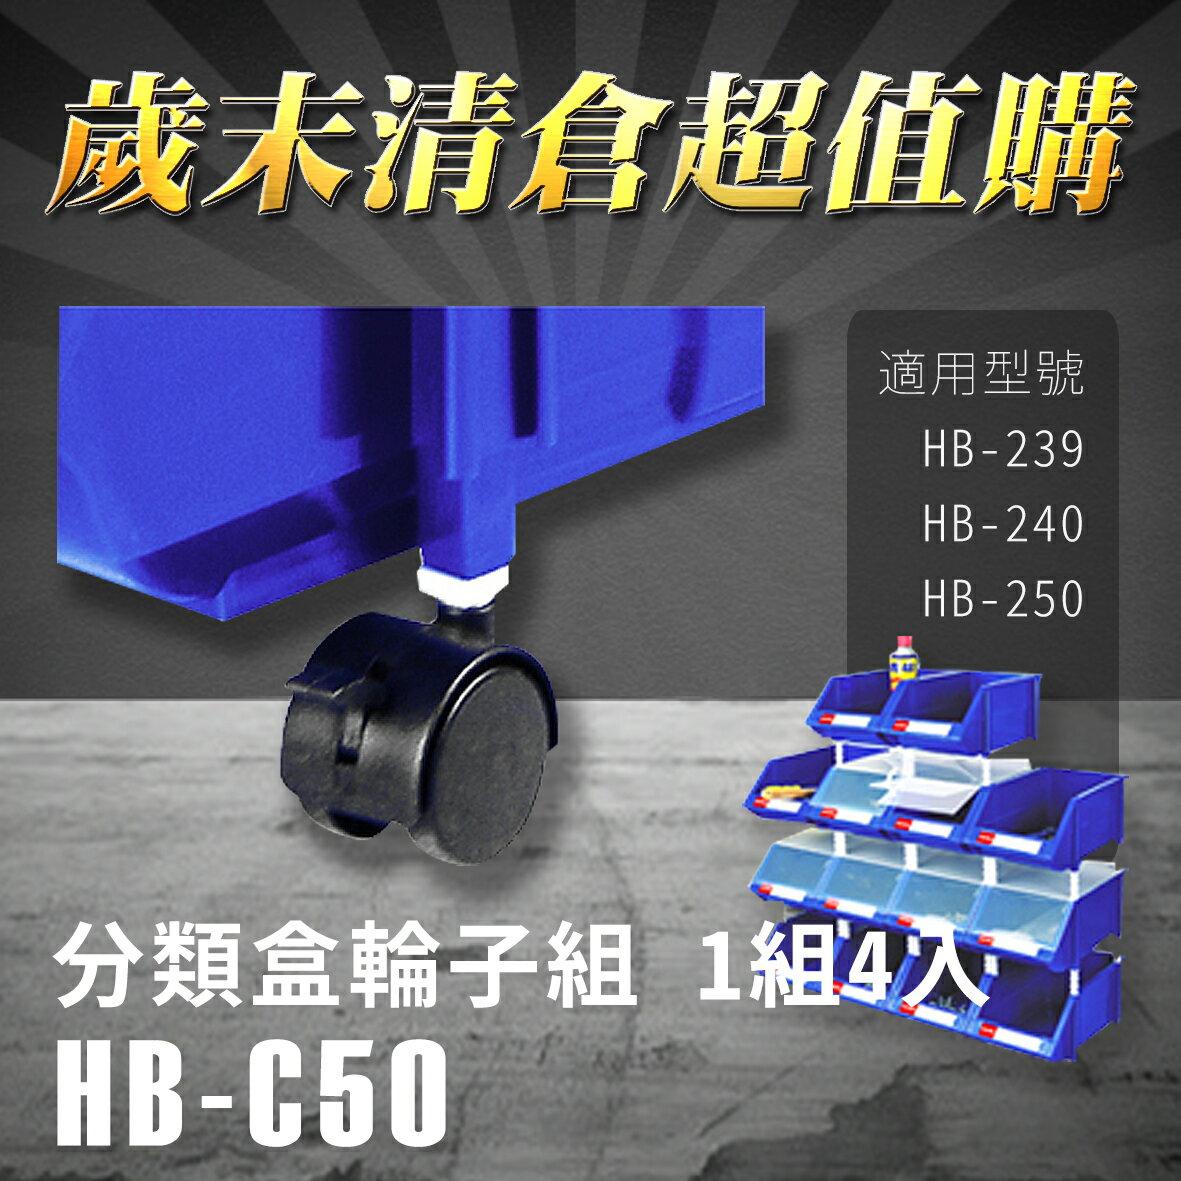 【耐衝擊分類整理盒】 零件盒 樹德 輪子組 HB-C50(4個/組) HB-239/HB-240/HB-250專用